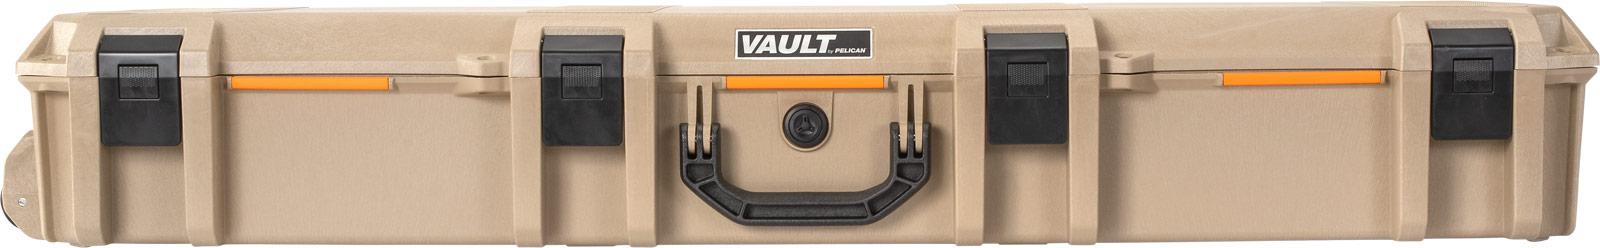 pelican vault v730 tactical firearm case